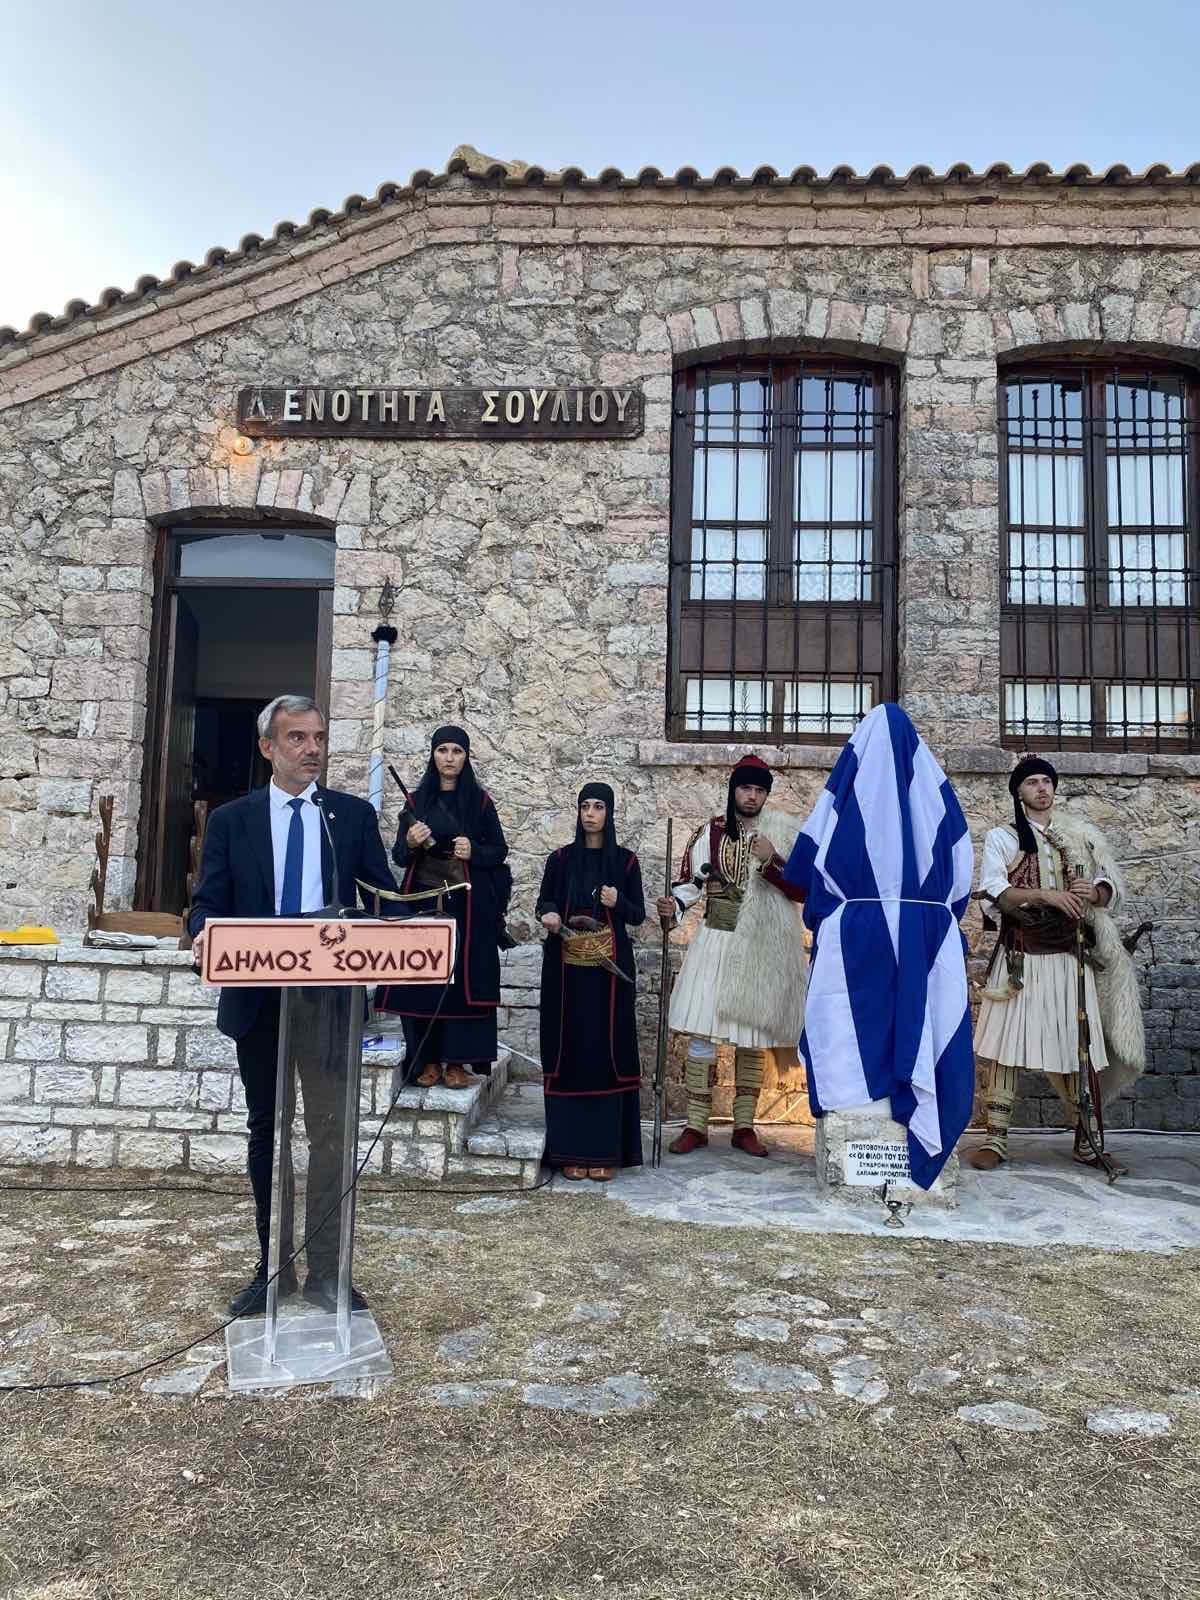 Στο αντάμωμα Σουλιωτών ο δήμαρχος Θεσσαλονίκης Κωνσταντίνος Ζέρβας